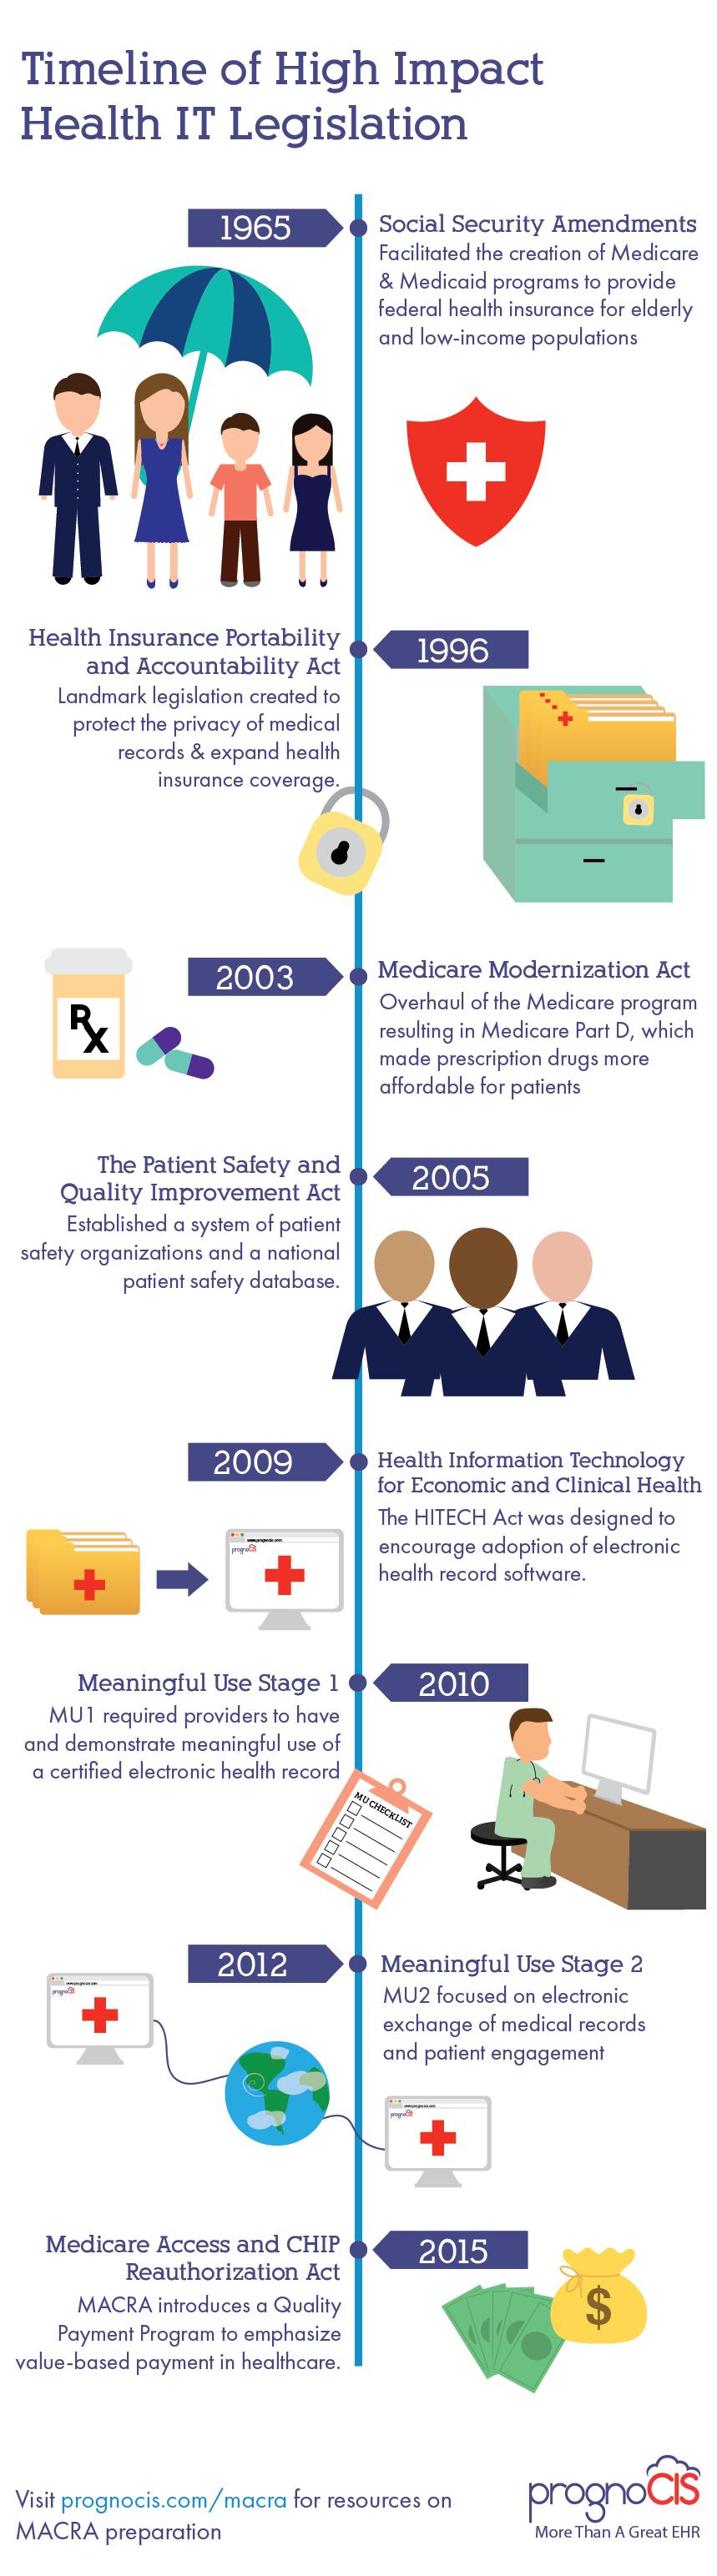 Health IT Legislation Timeline